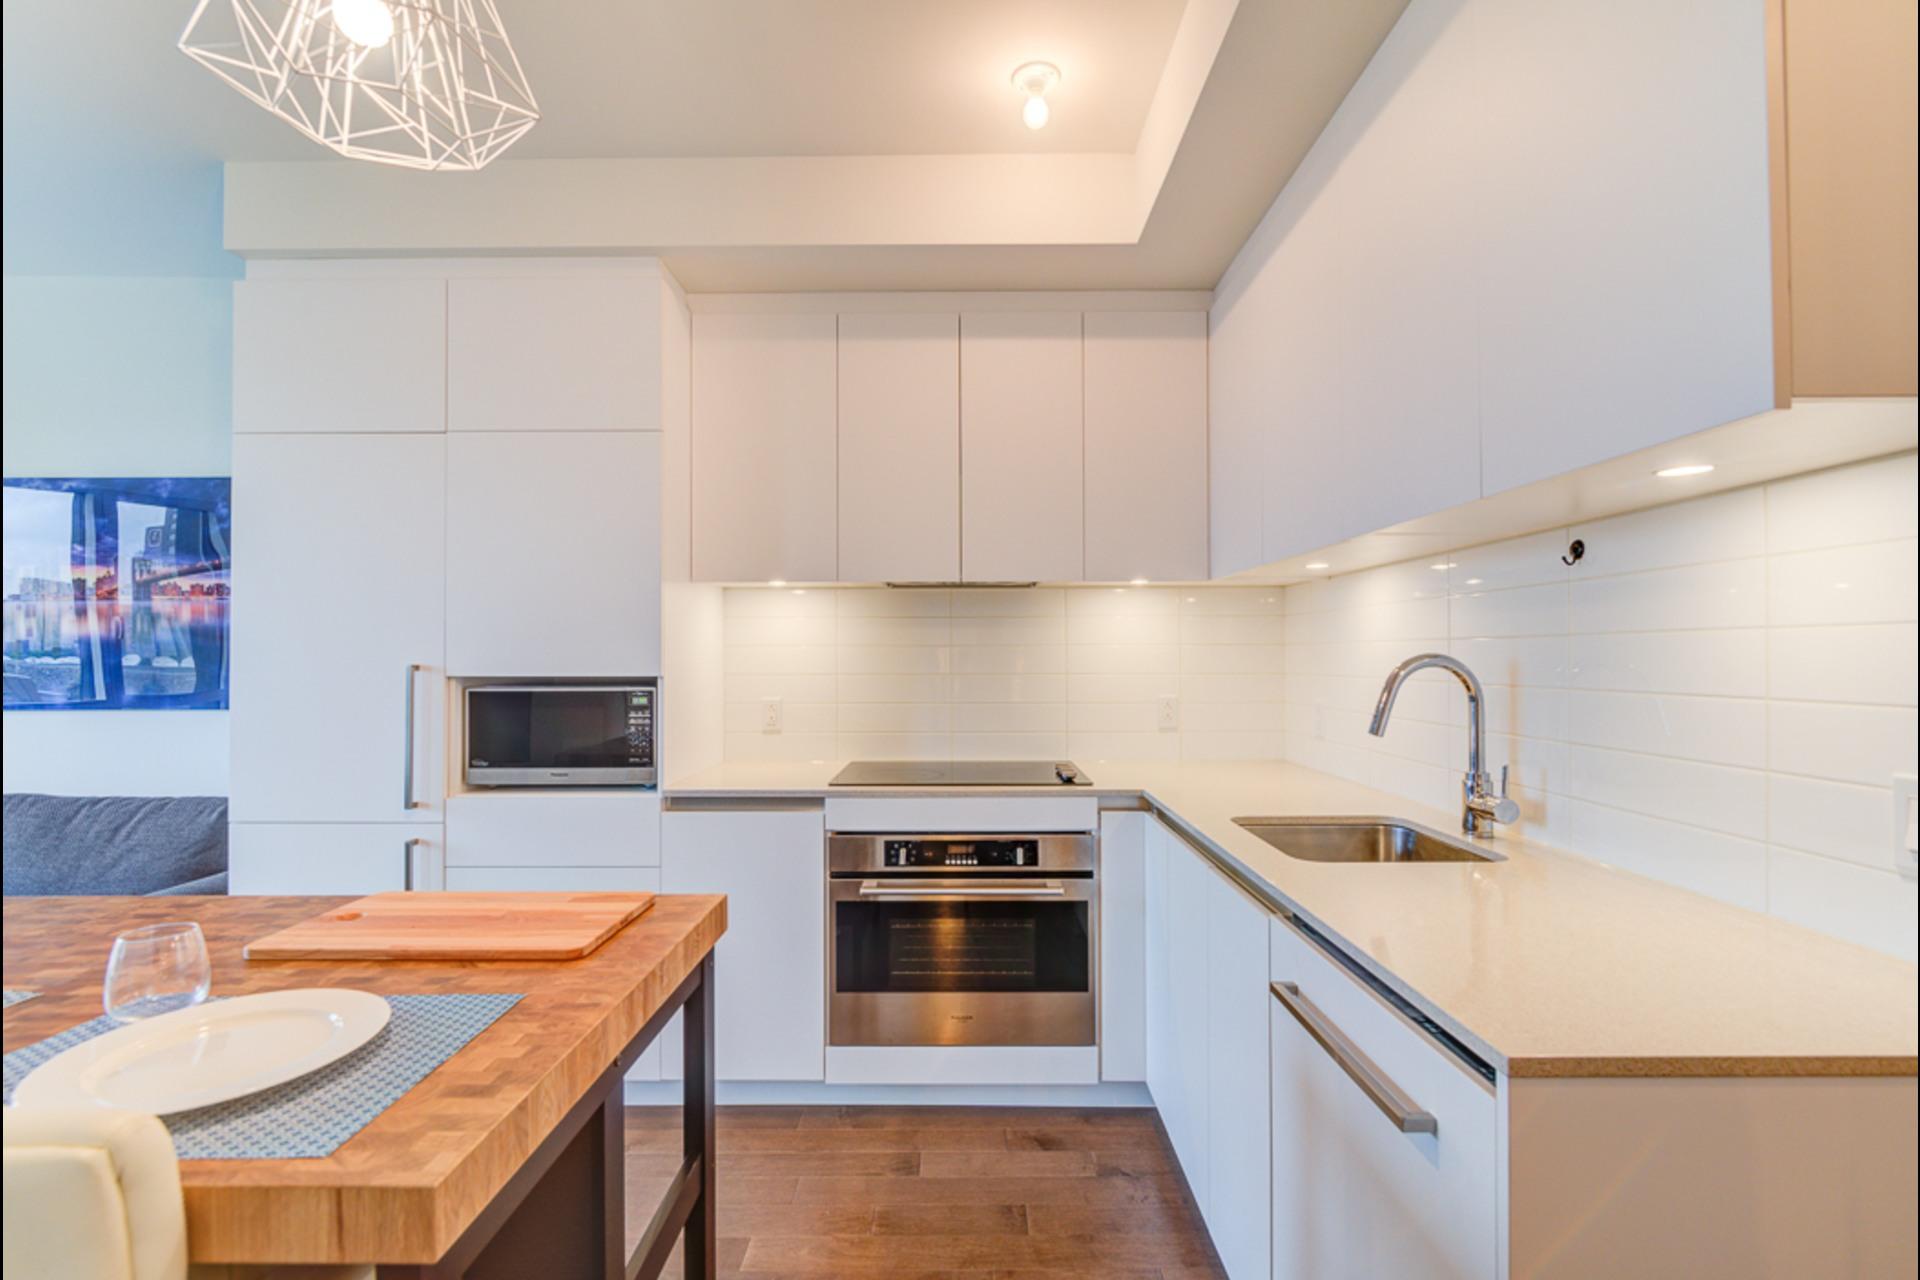 image 2 - Condo For rent Montréal - 4 rooms